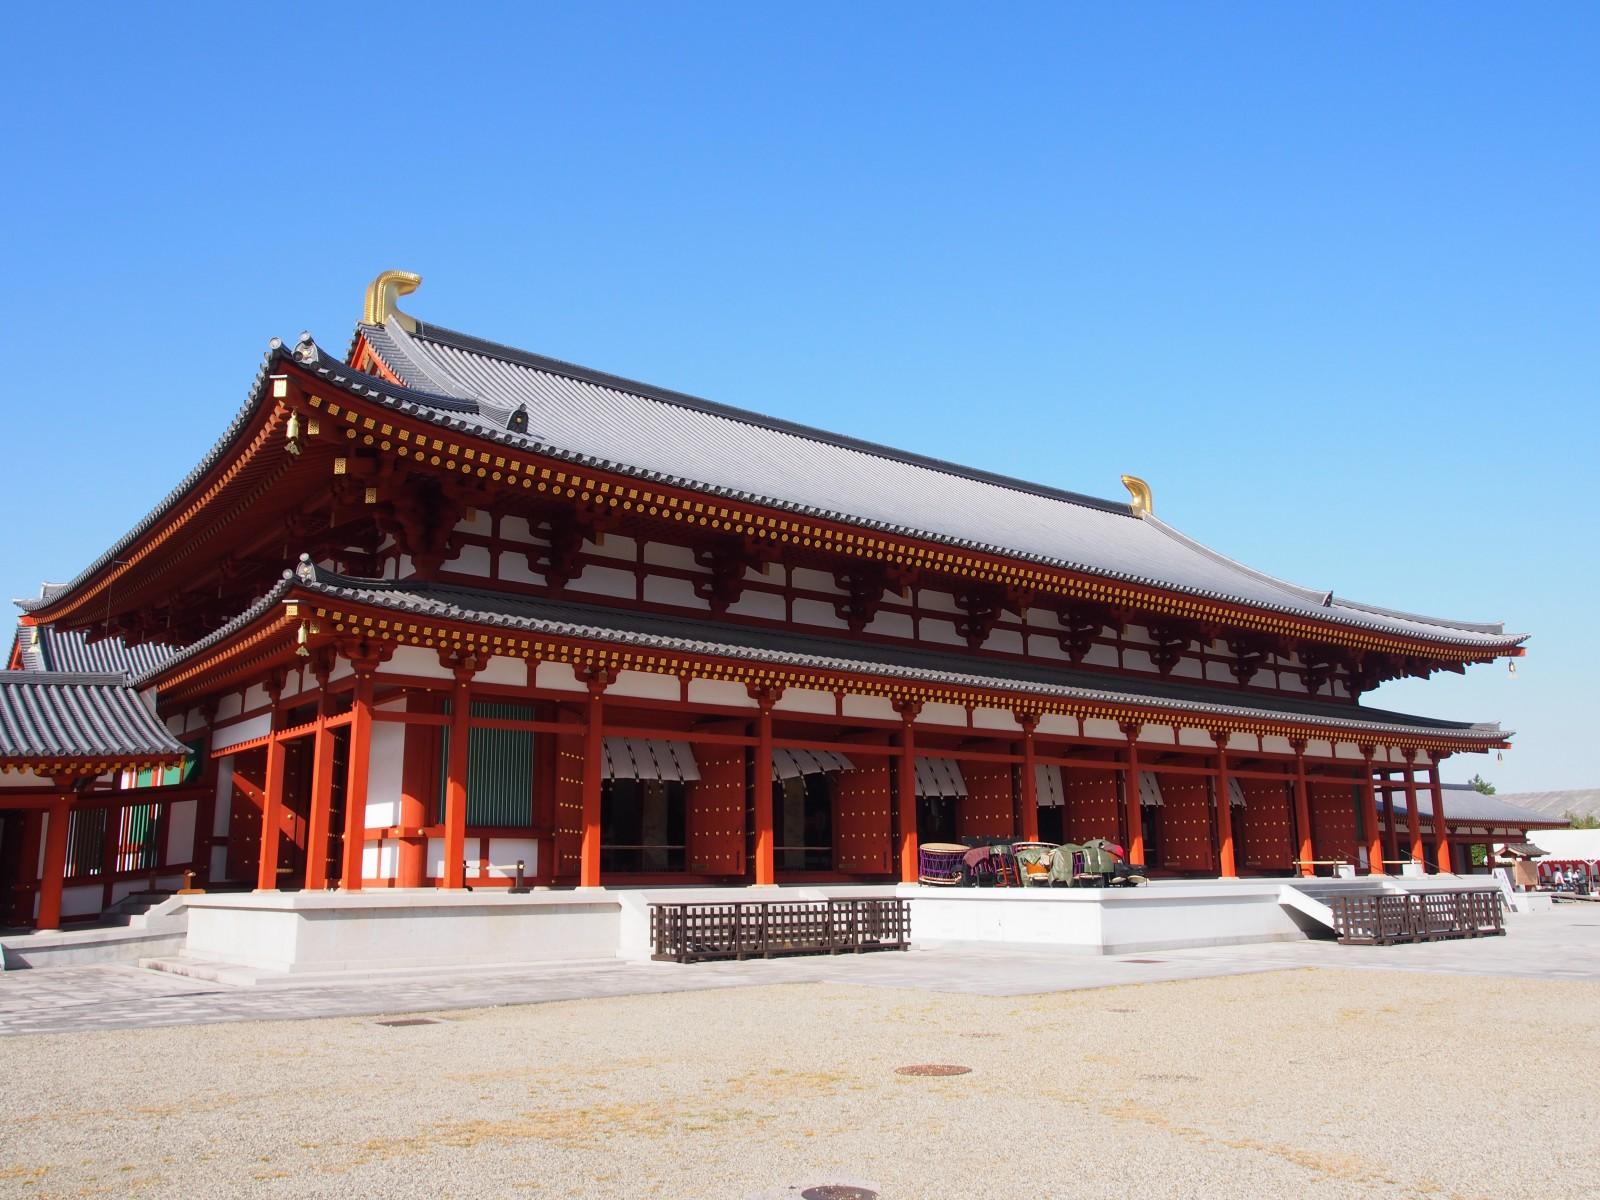 境内最大級の建築である薬師寺「大講堂」